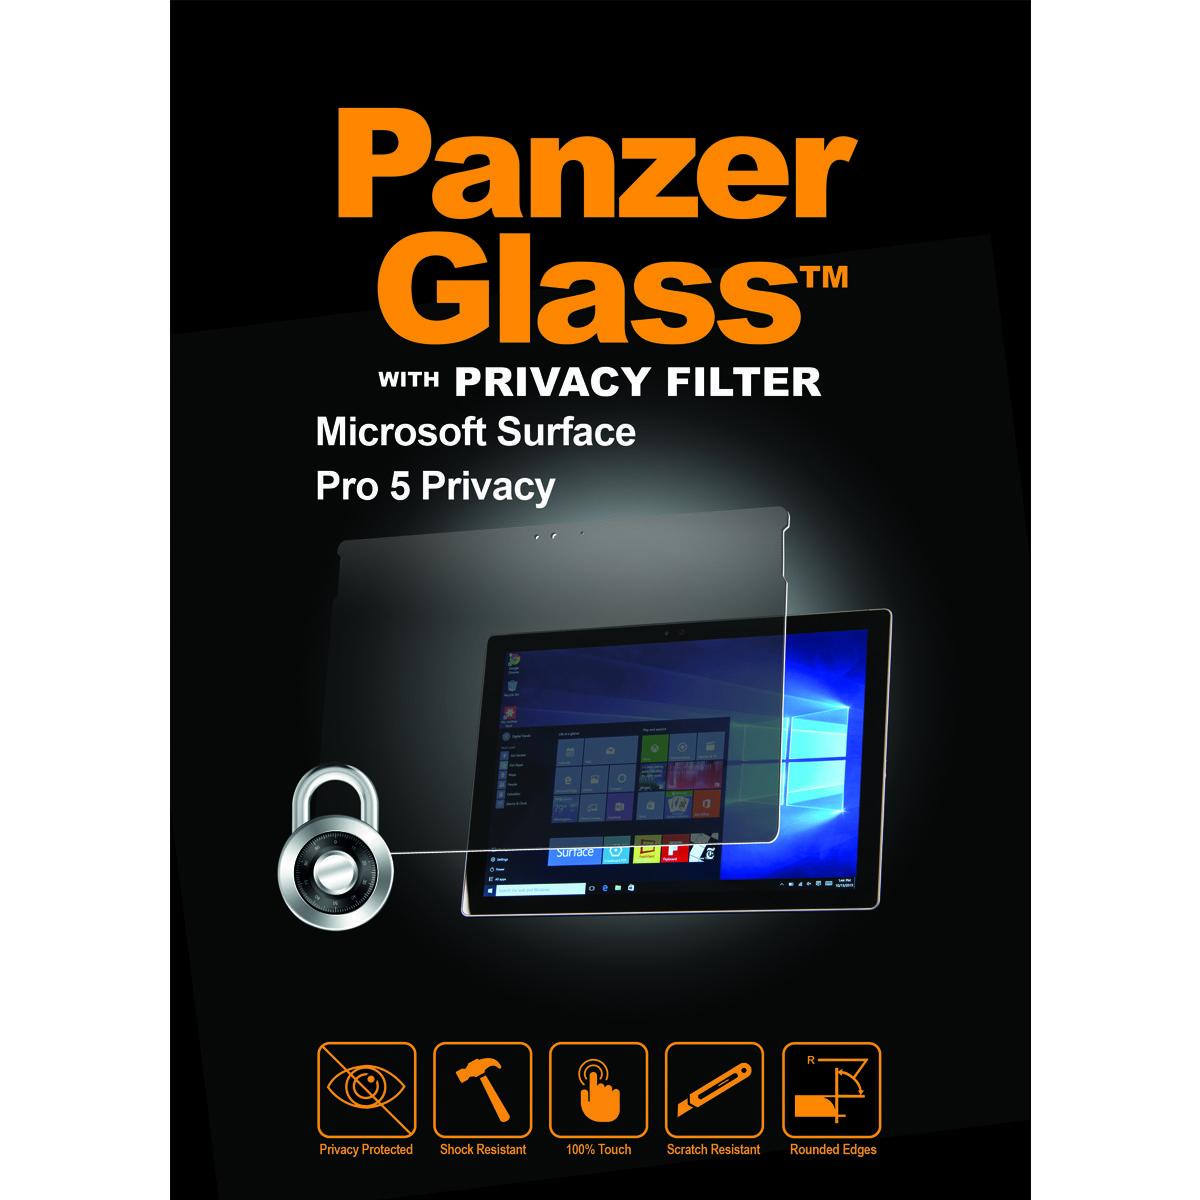 PanzerGlass P6251 Notebook Frameless display privacy filter